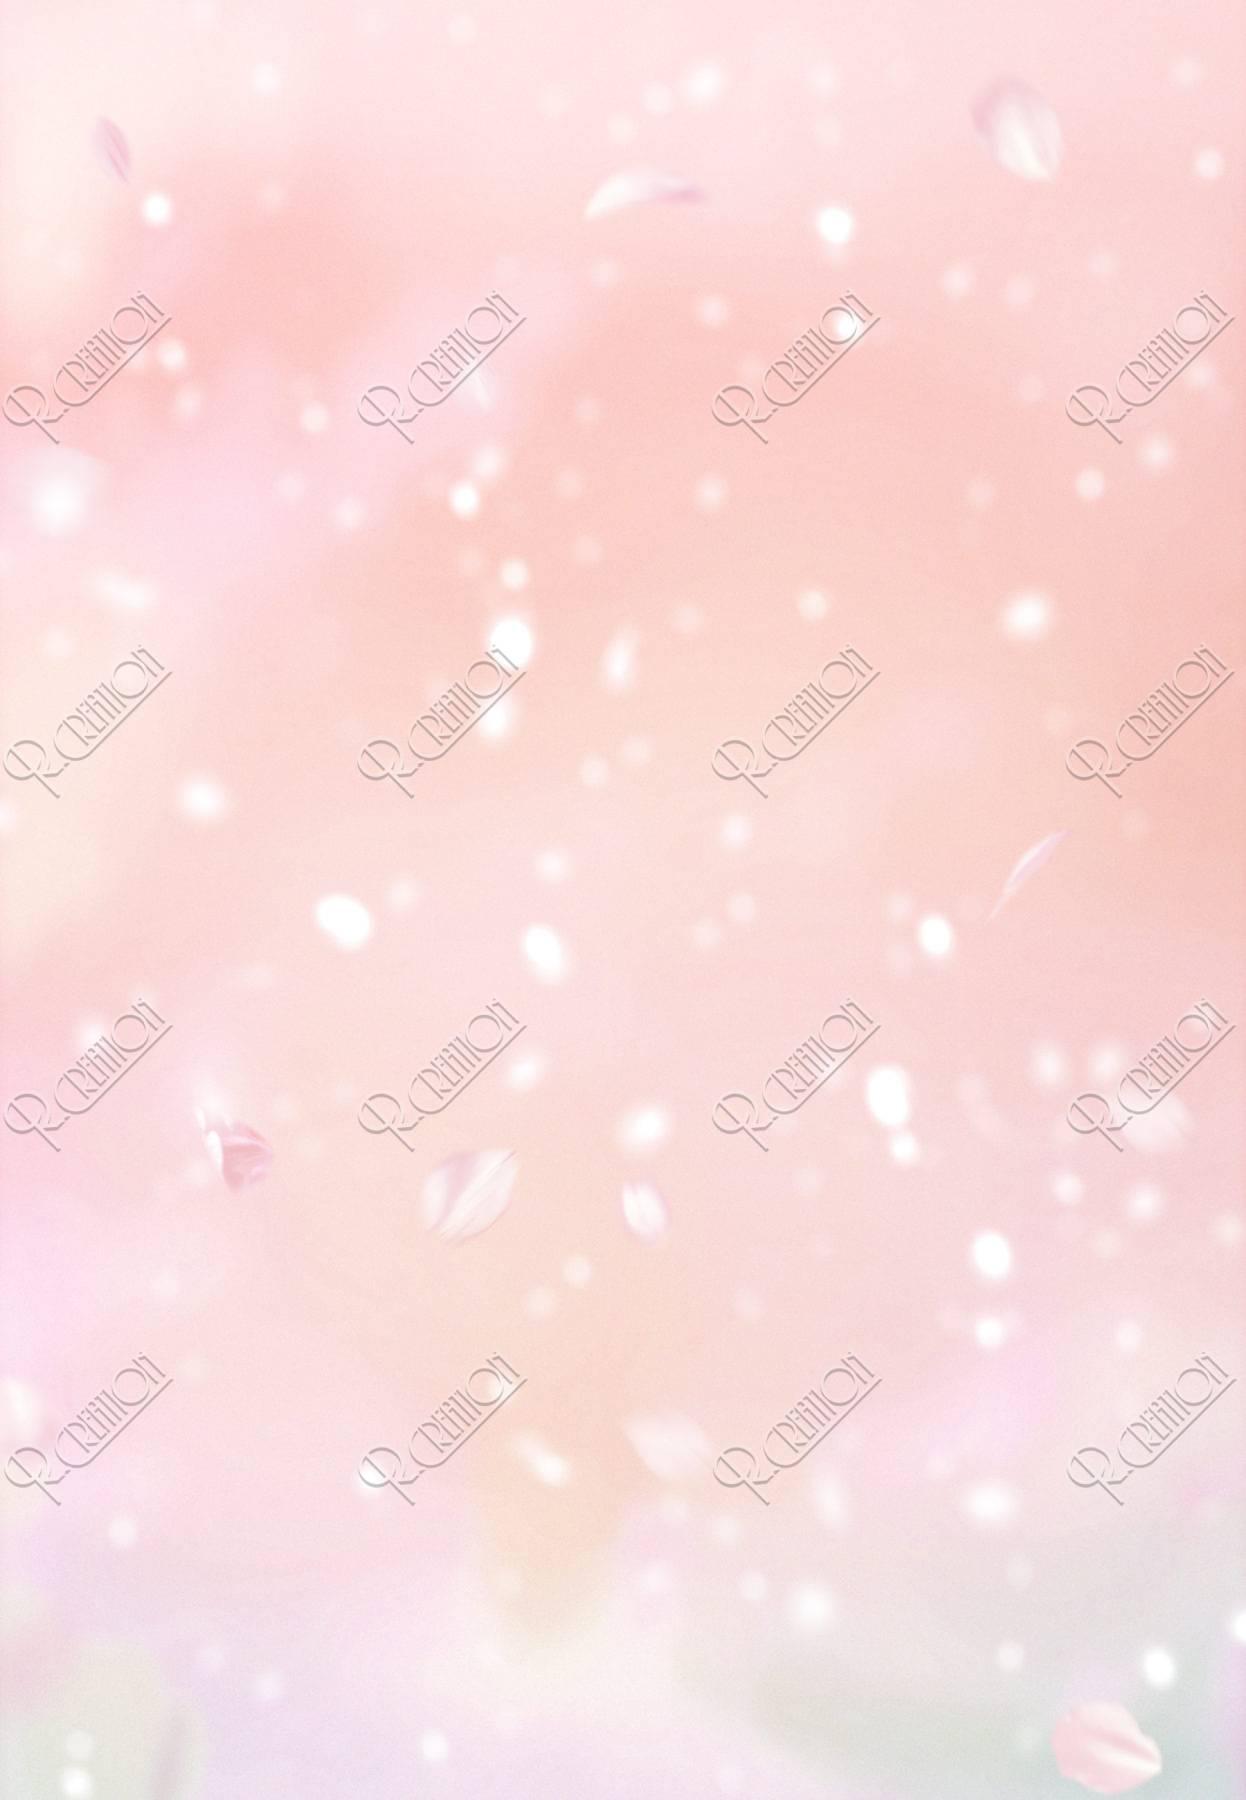 舞い散る桜イメージ